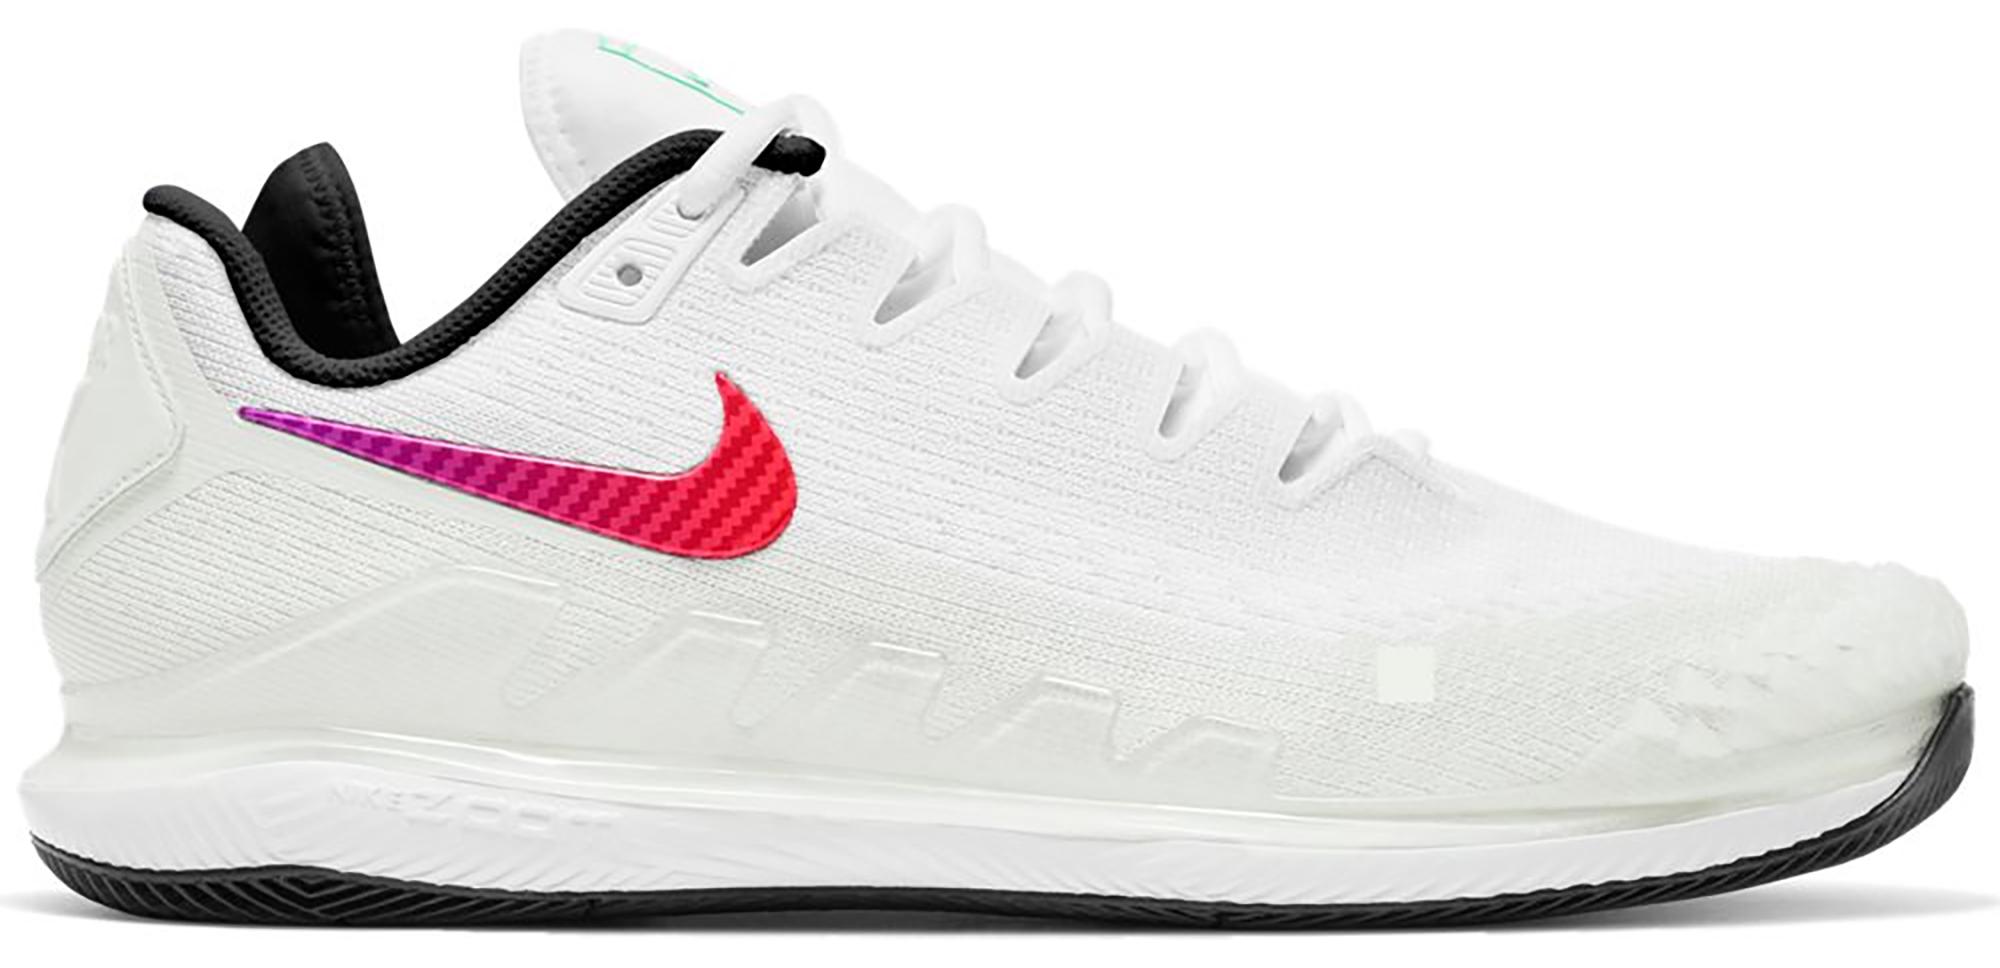 NikeCourt Air Zoom Vapor x Knit White